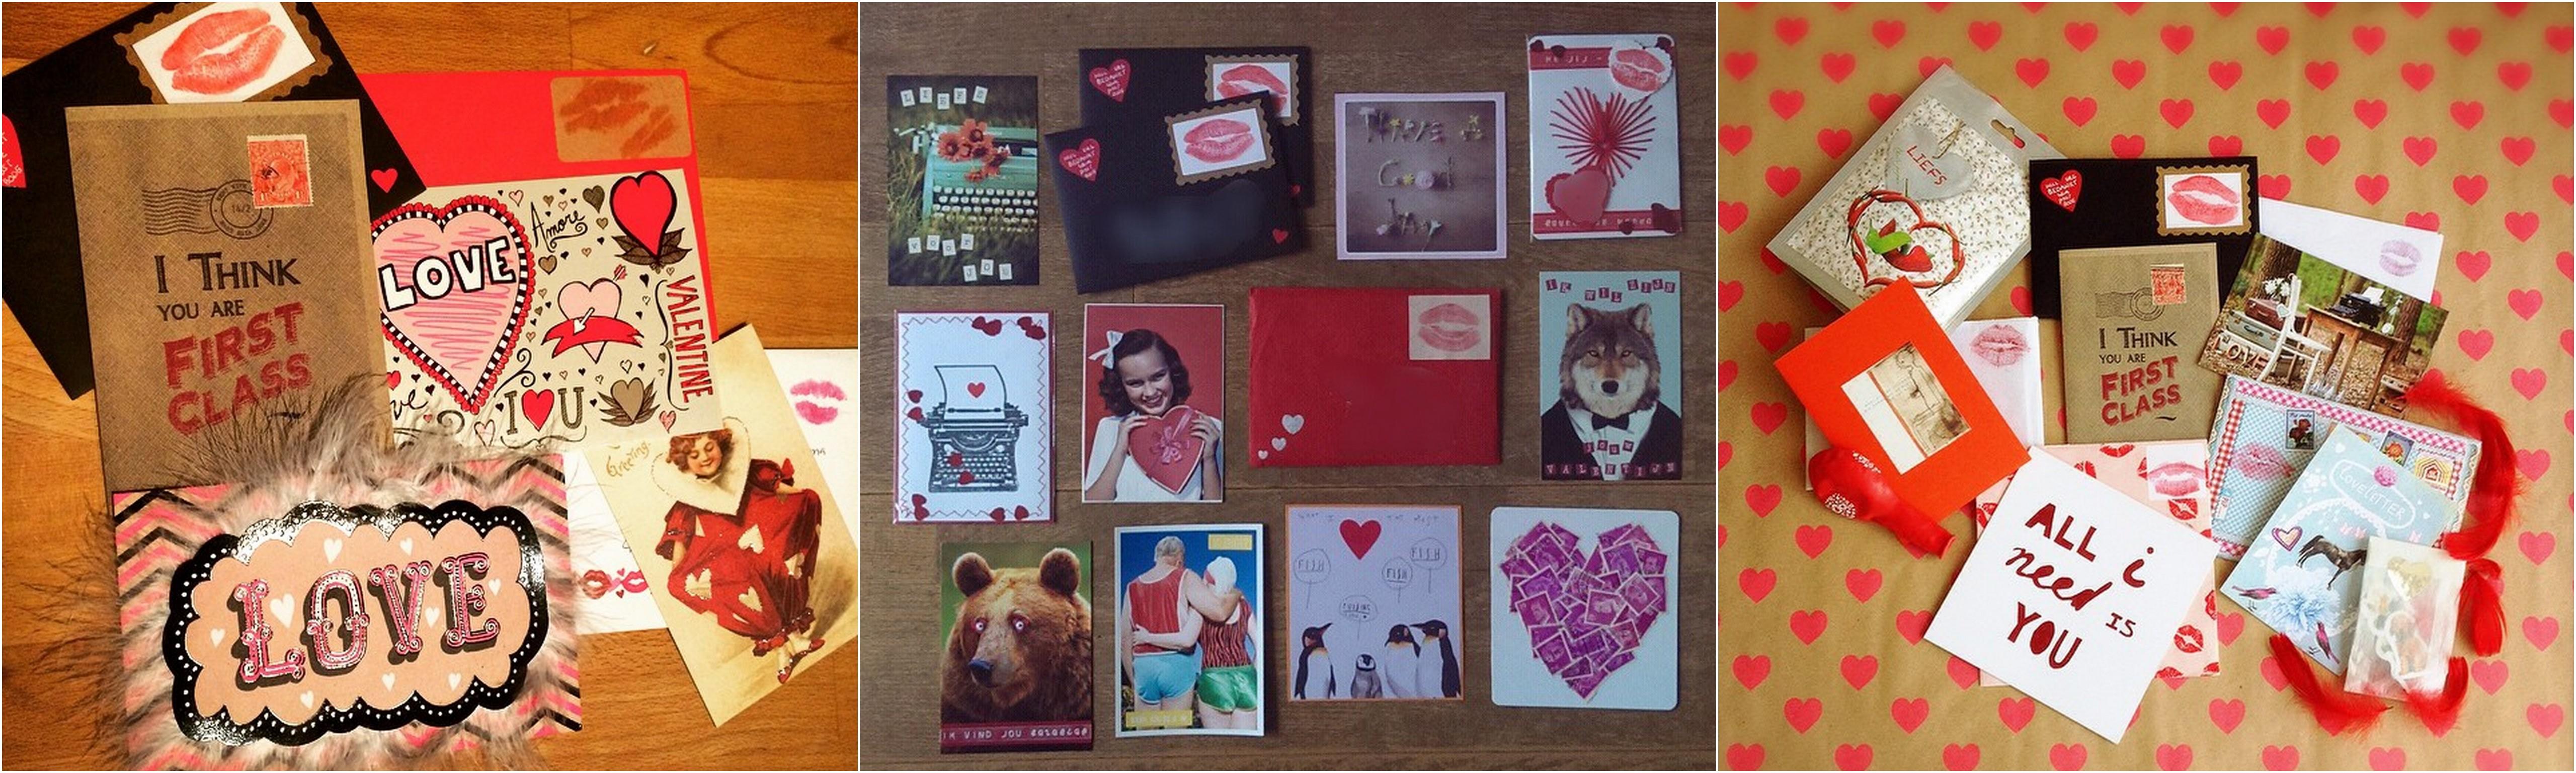 Valentijnsactie-003